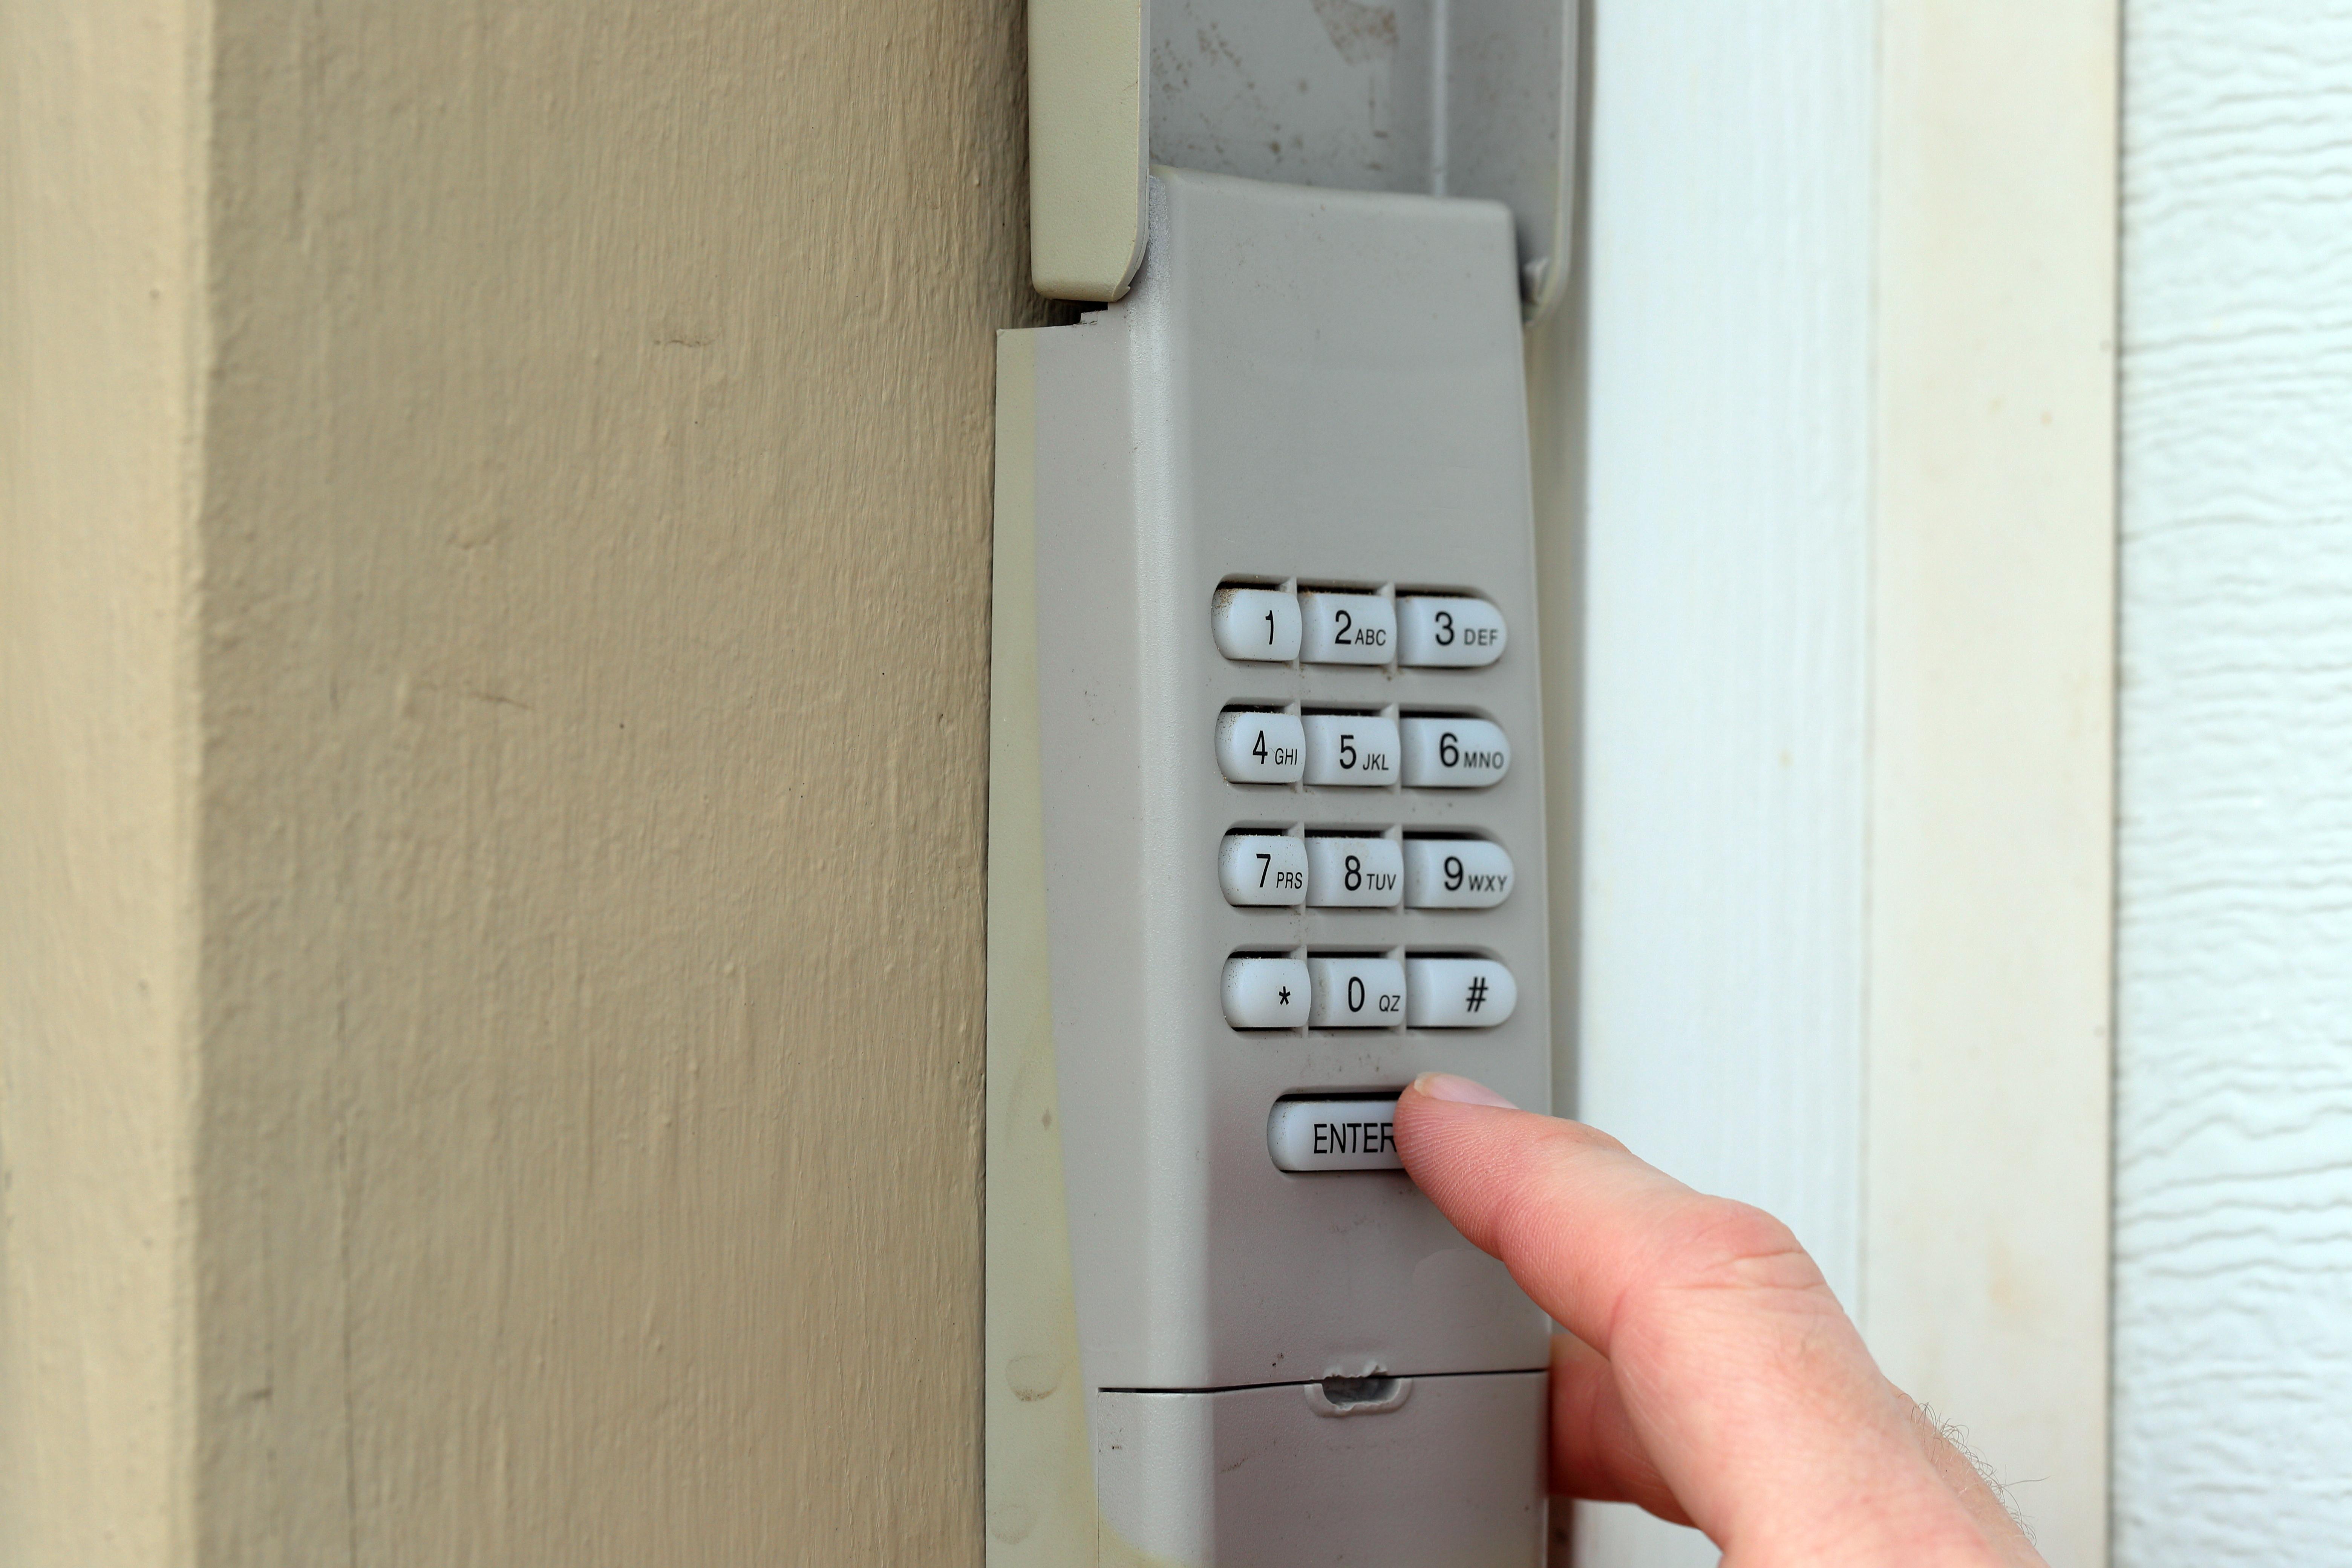 How To Change Your Garage Door Code